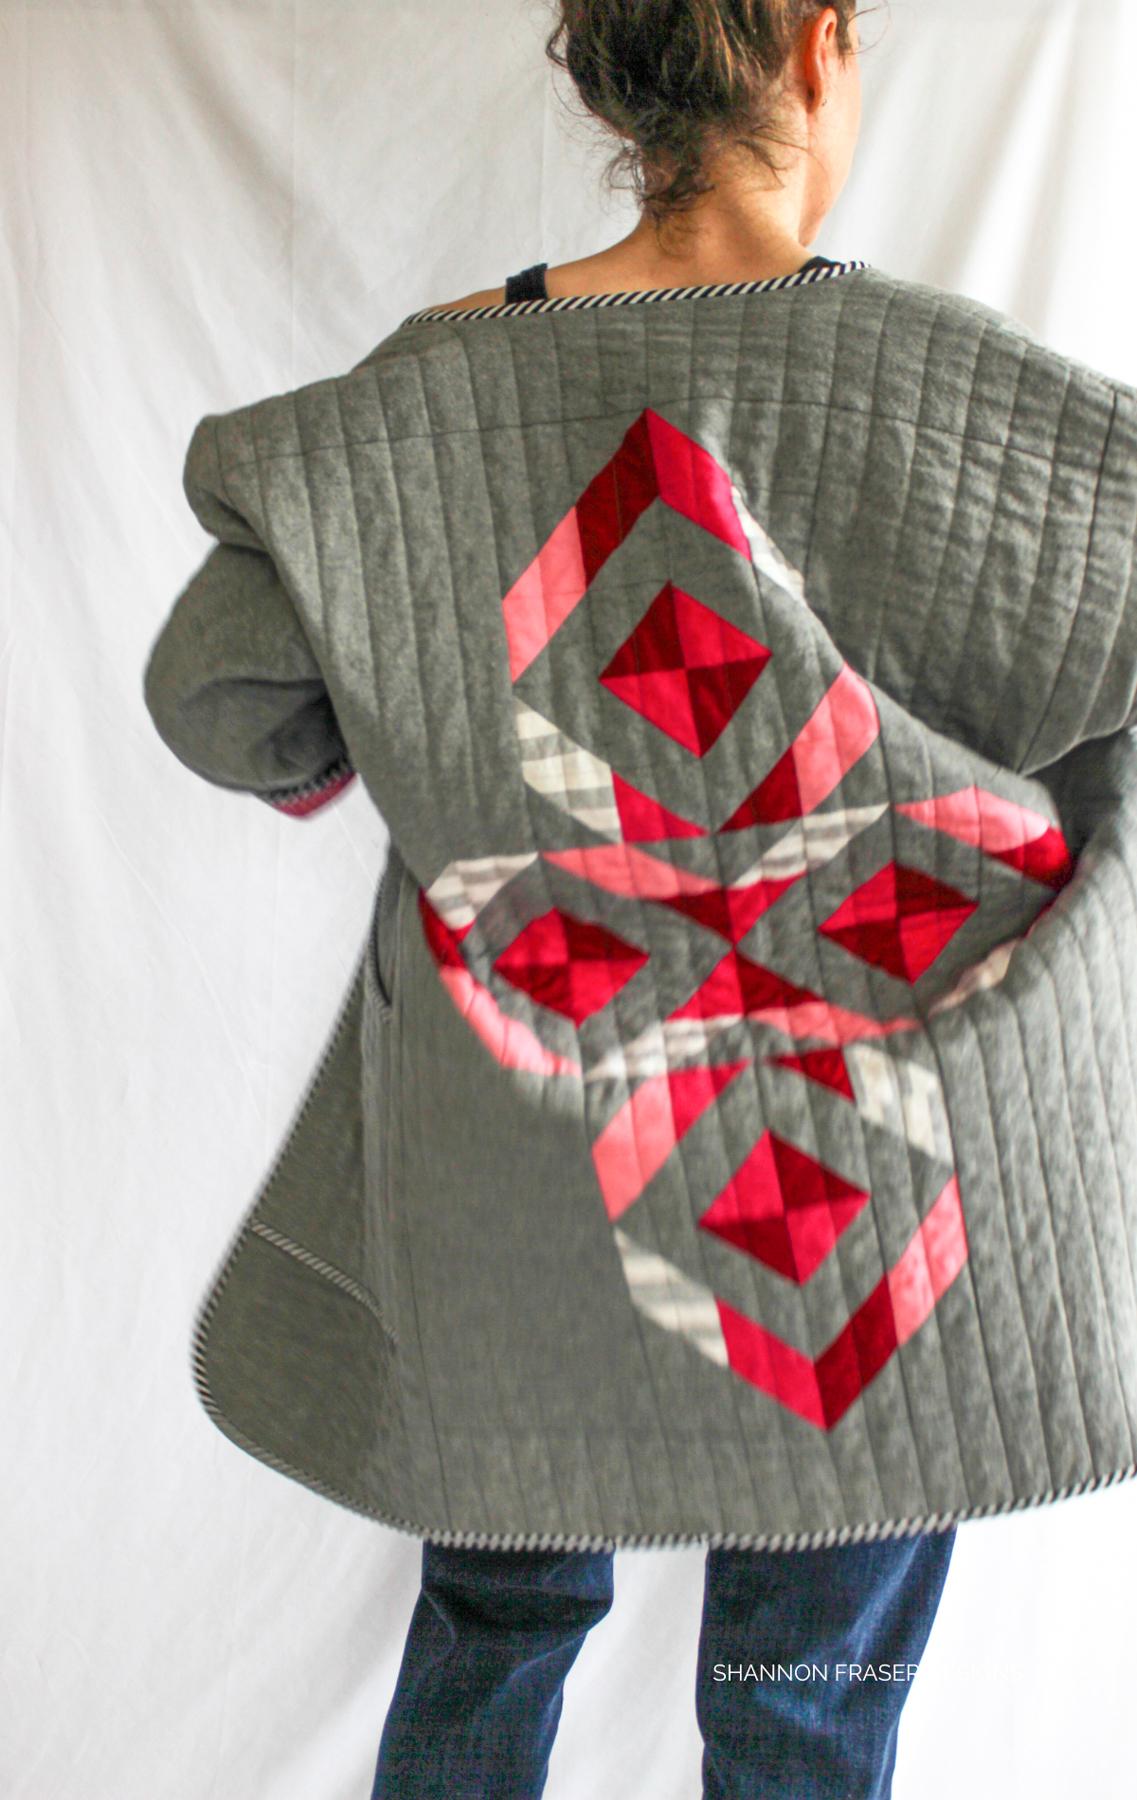 Shannon Fraser Etched Diamond quilt design | Megan Nielsen Patterns Blog